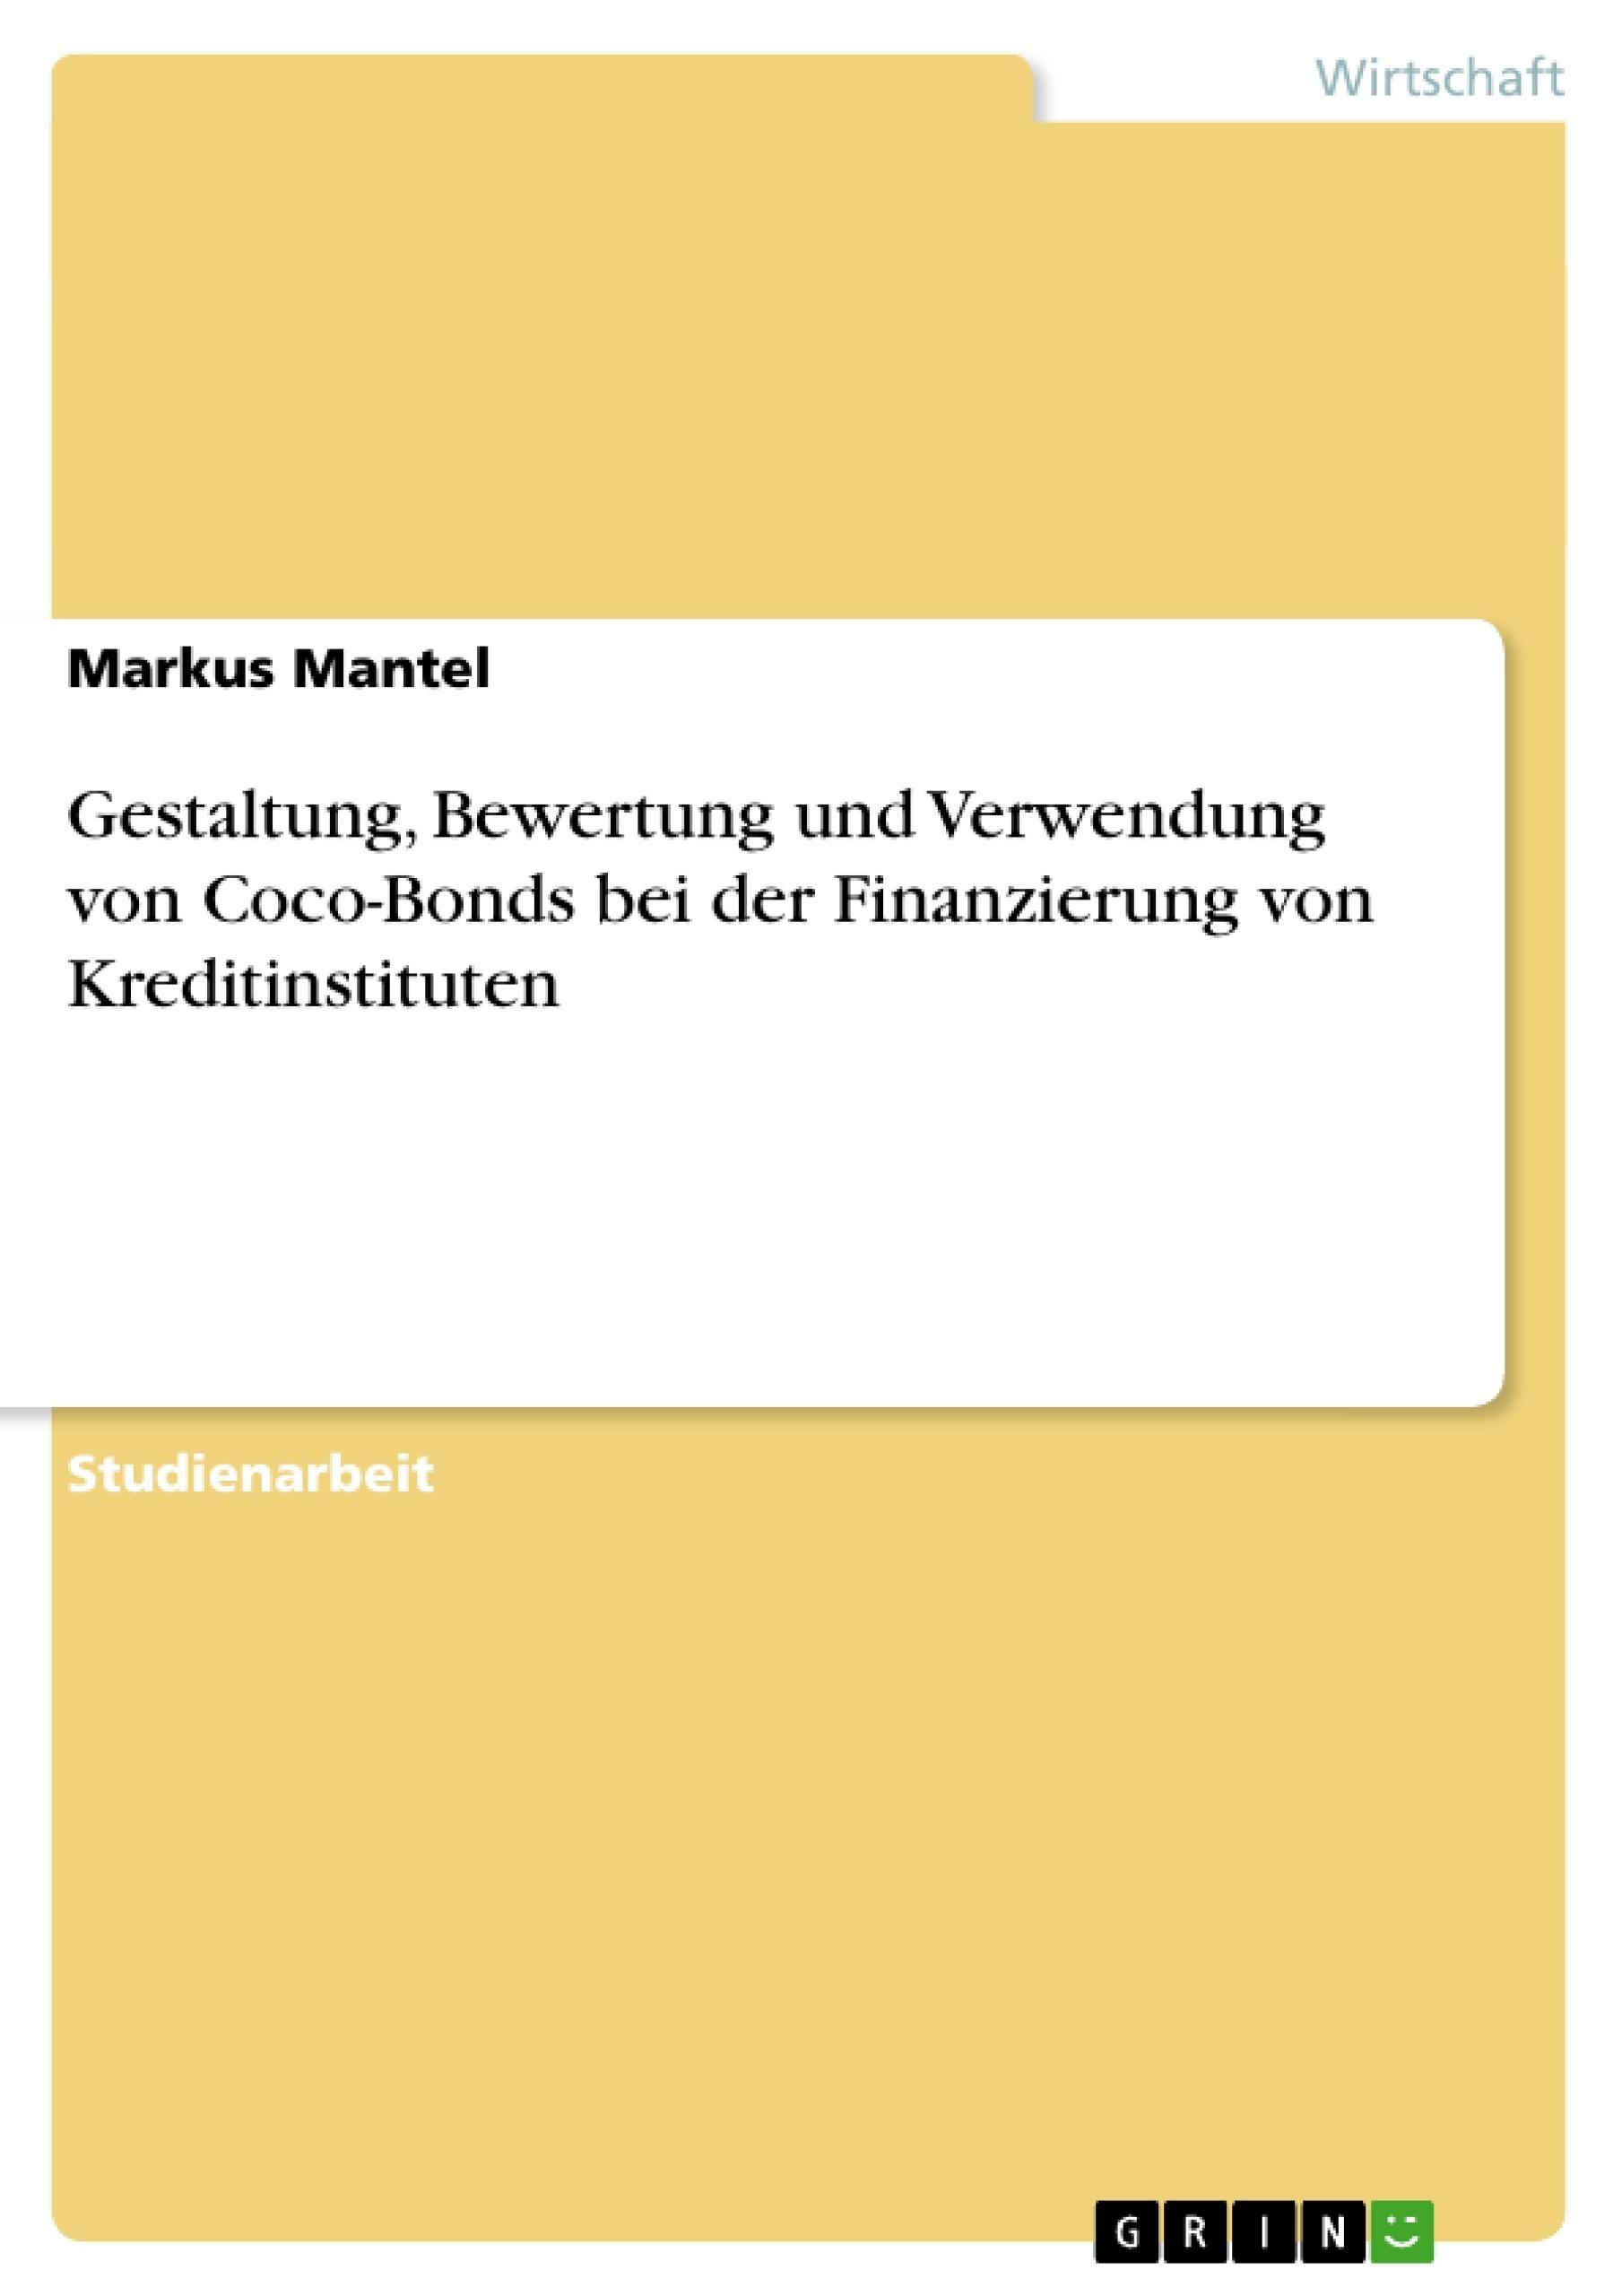 Titel: Gestaltung, Bewertung und Verwendung von Coco-Bonds bei der Finanzierung von Kreditinstituten